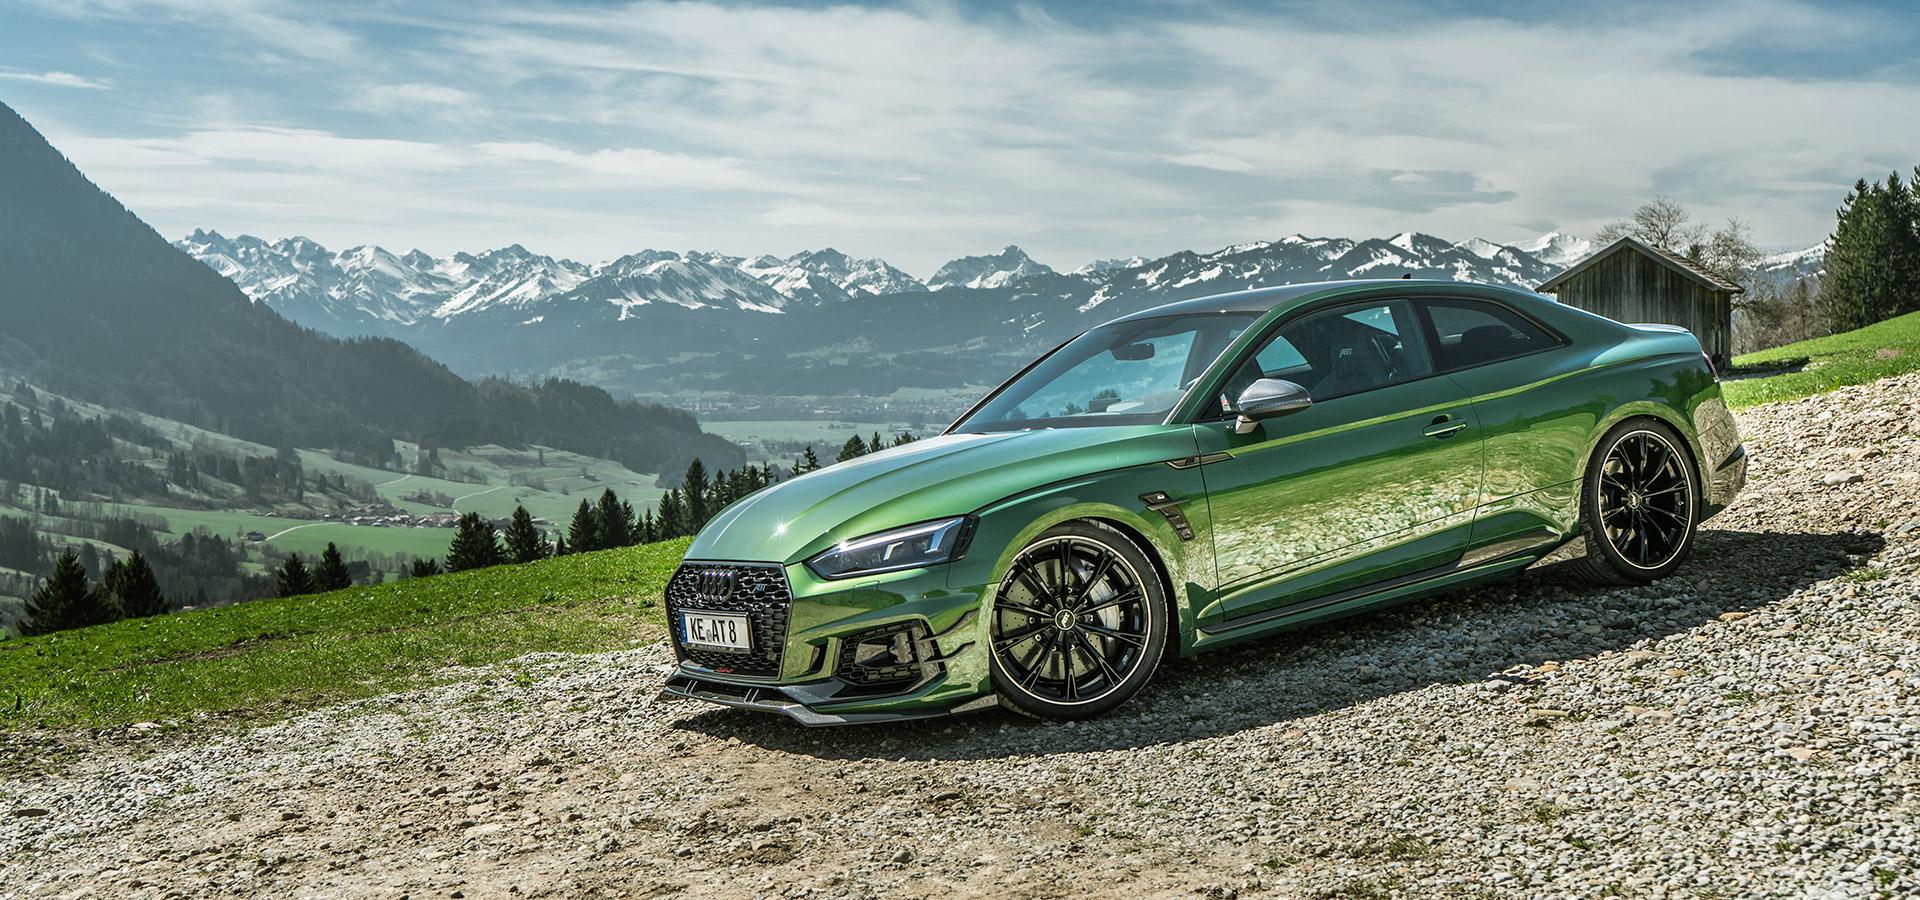 Audi rs5 wikipedia english 2